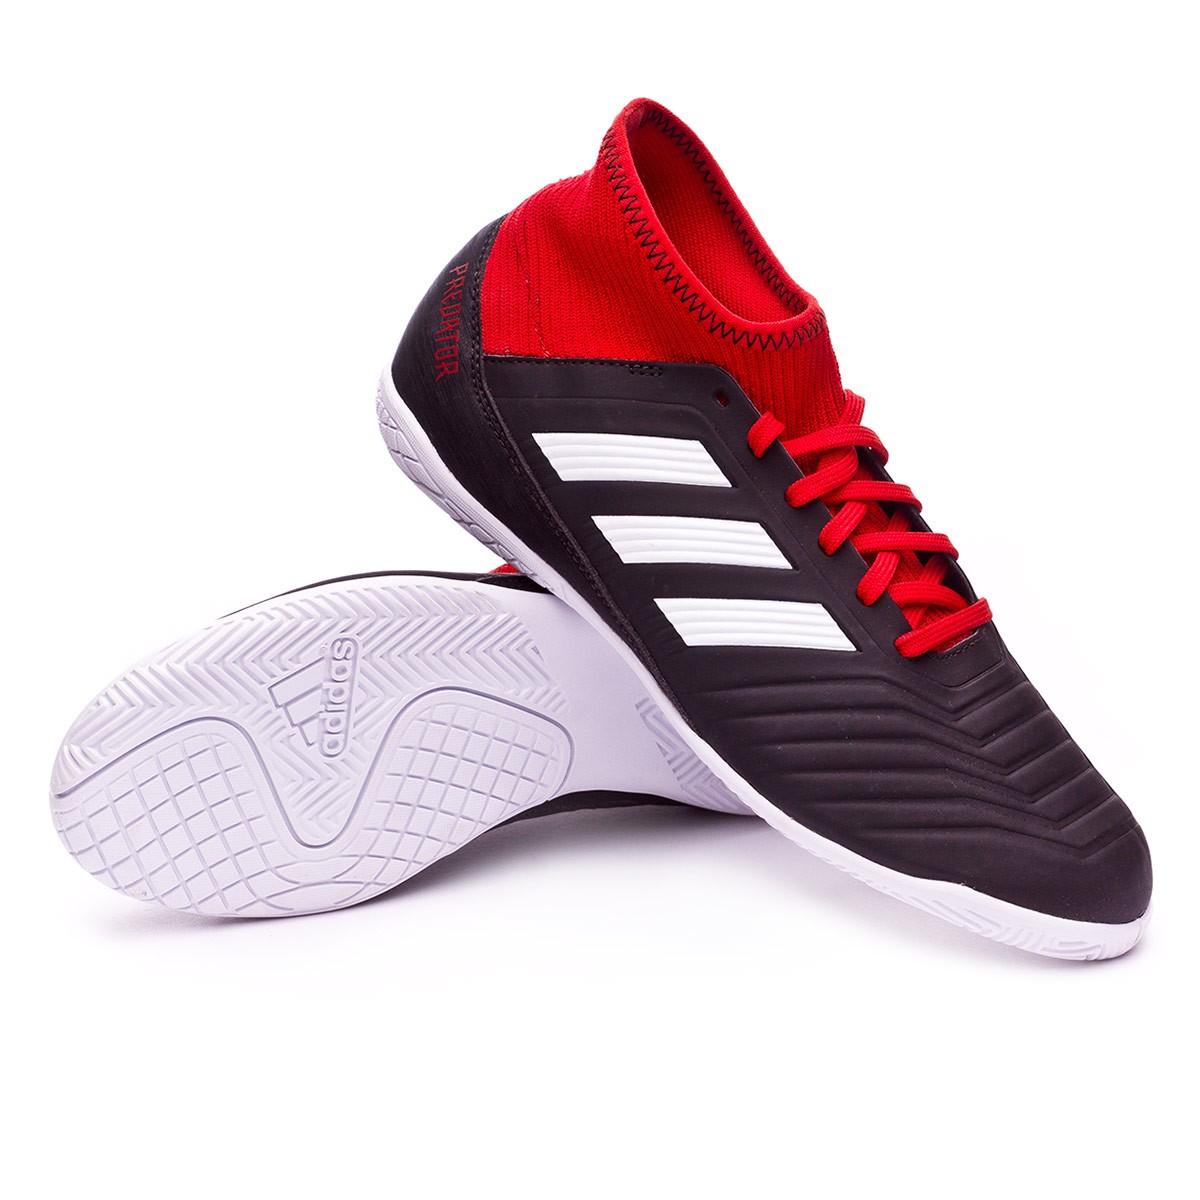 Sapatilha de Futsal adidas Predator Tango 18.3 IN Crianças